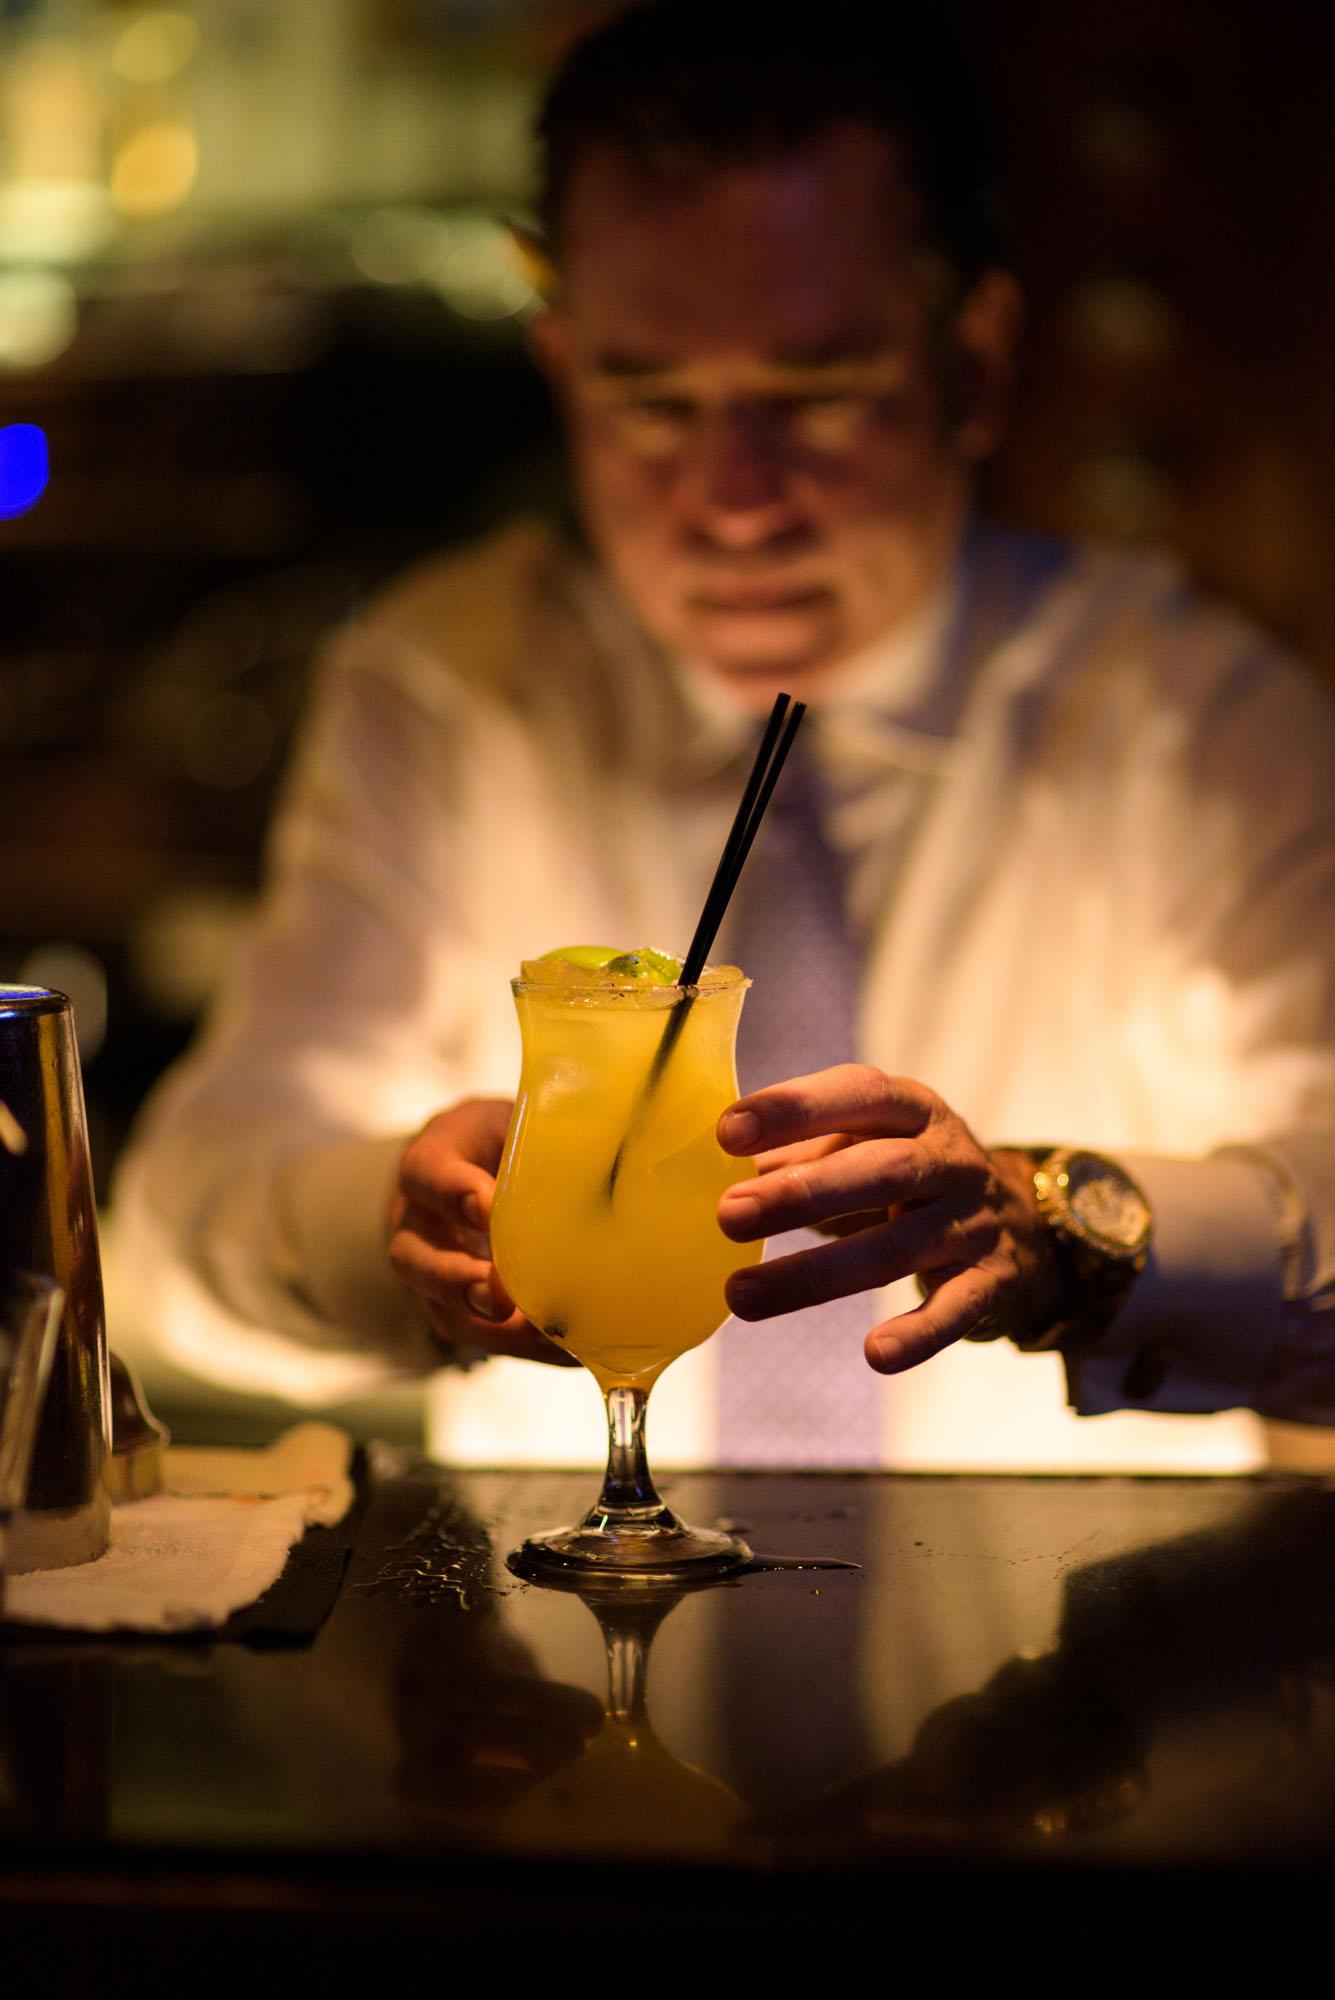 9394_d810a_Sundance_the_Steakhouse_Palo_Alto_Restaurant_Photography.jpg